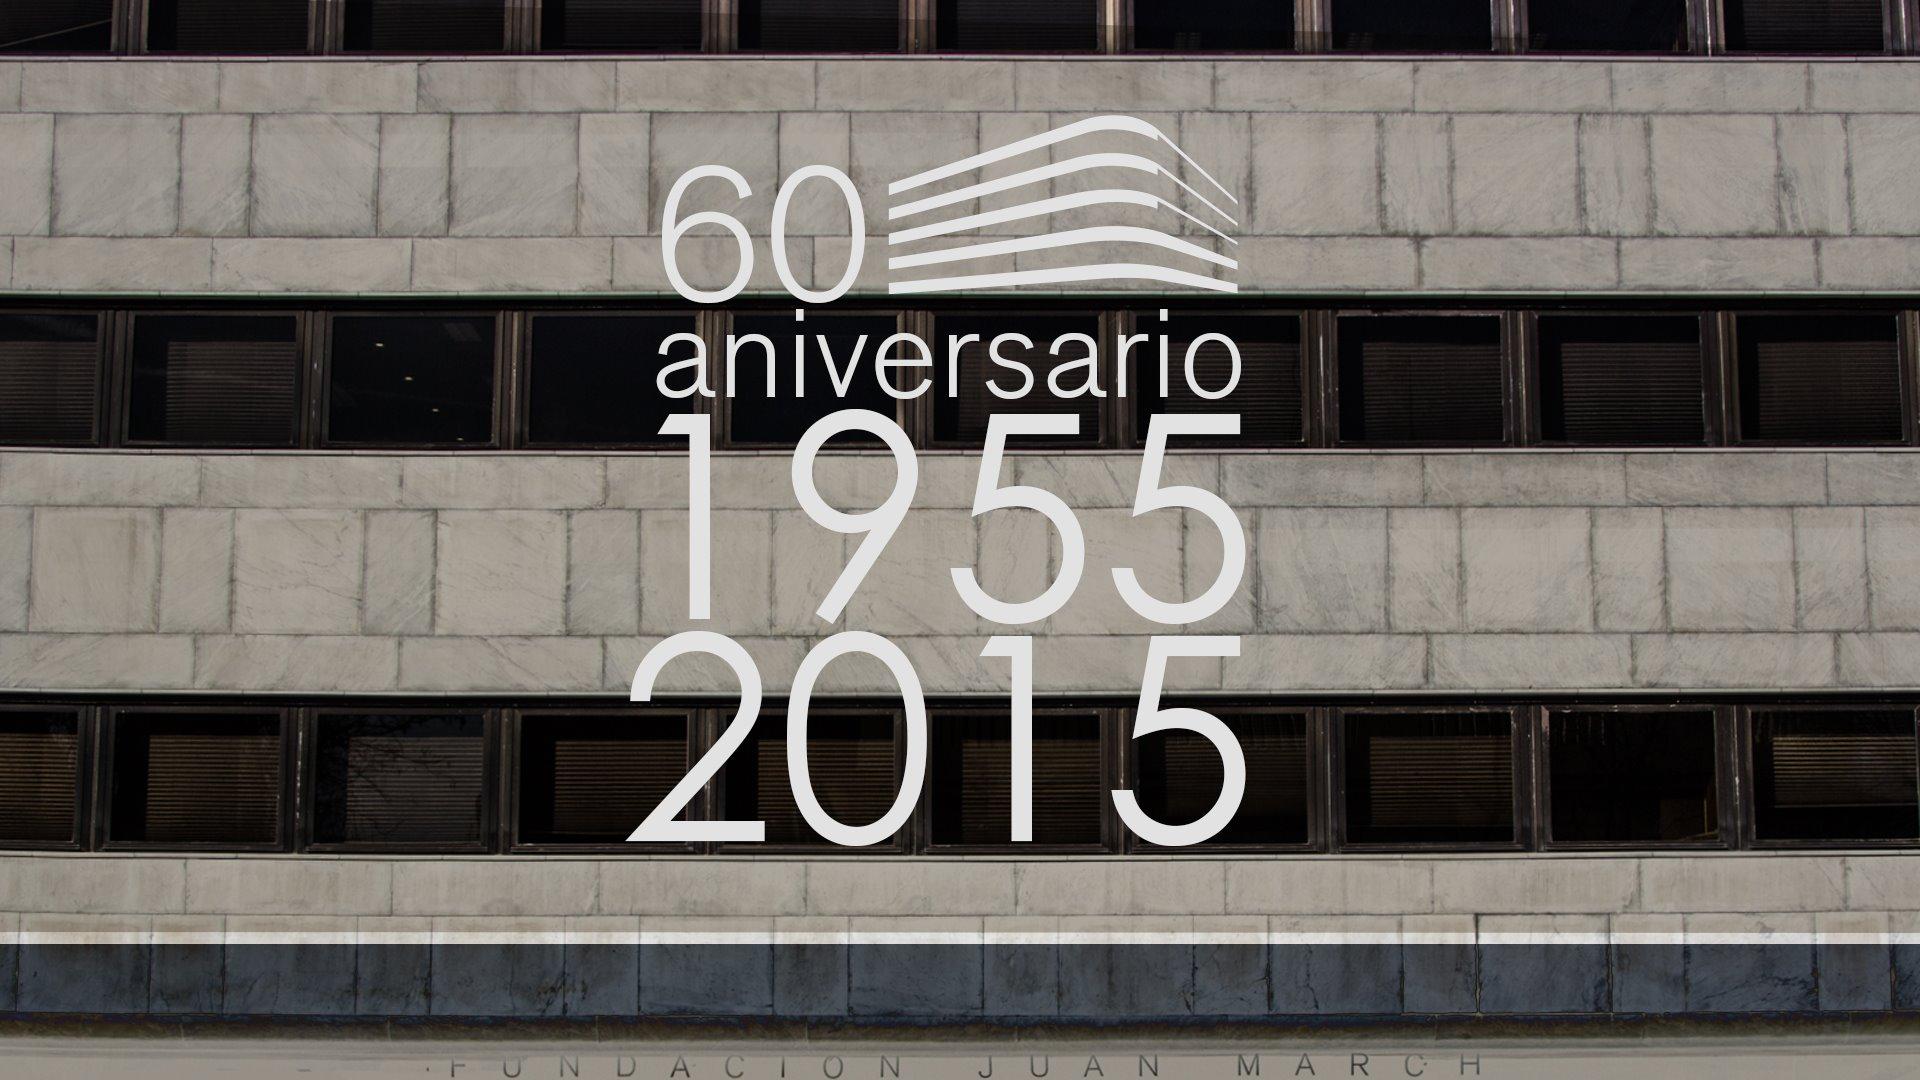 Aula de (Re)estrenos (94). 60 Aniversario de la Fundación Juan March